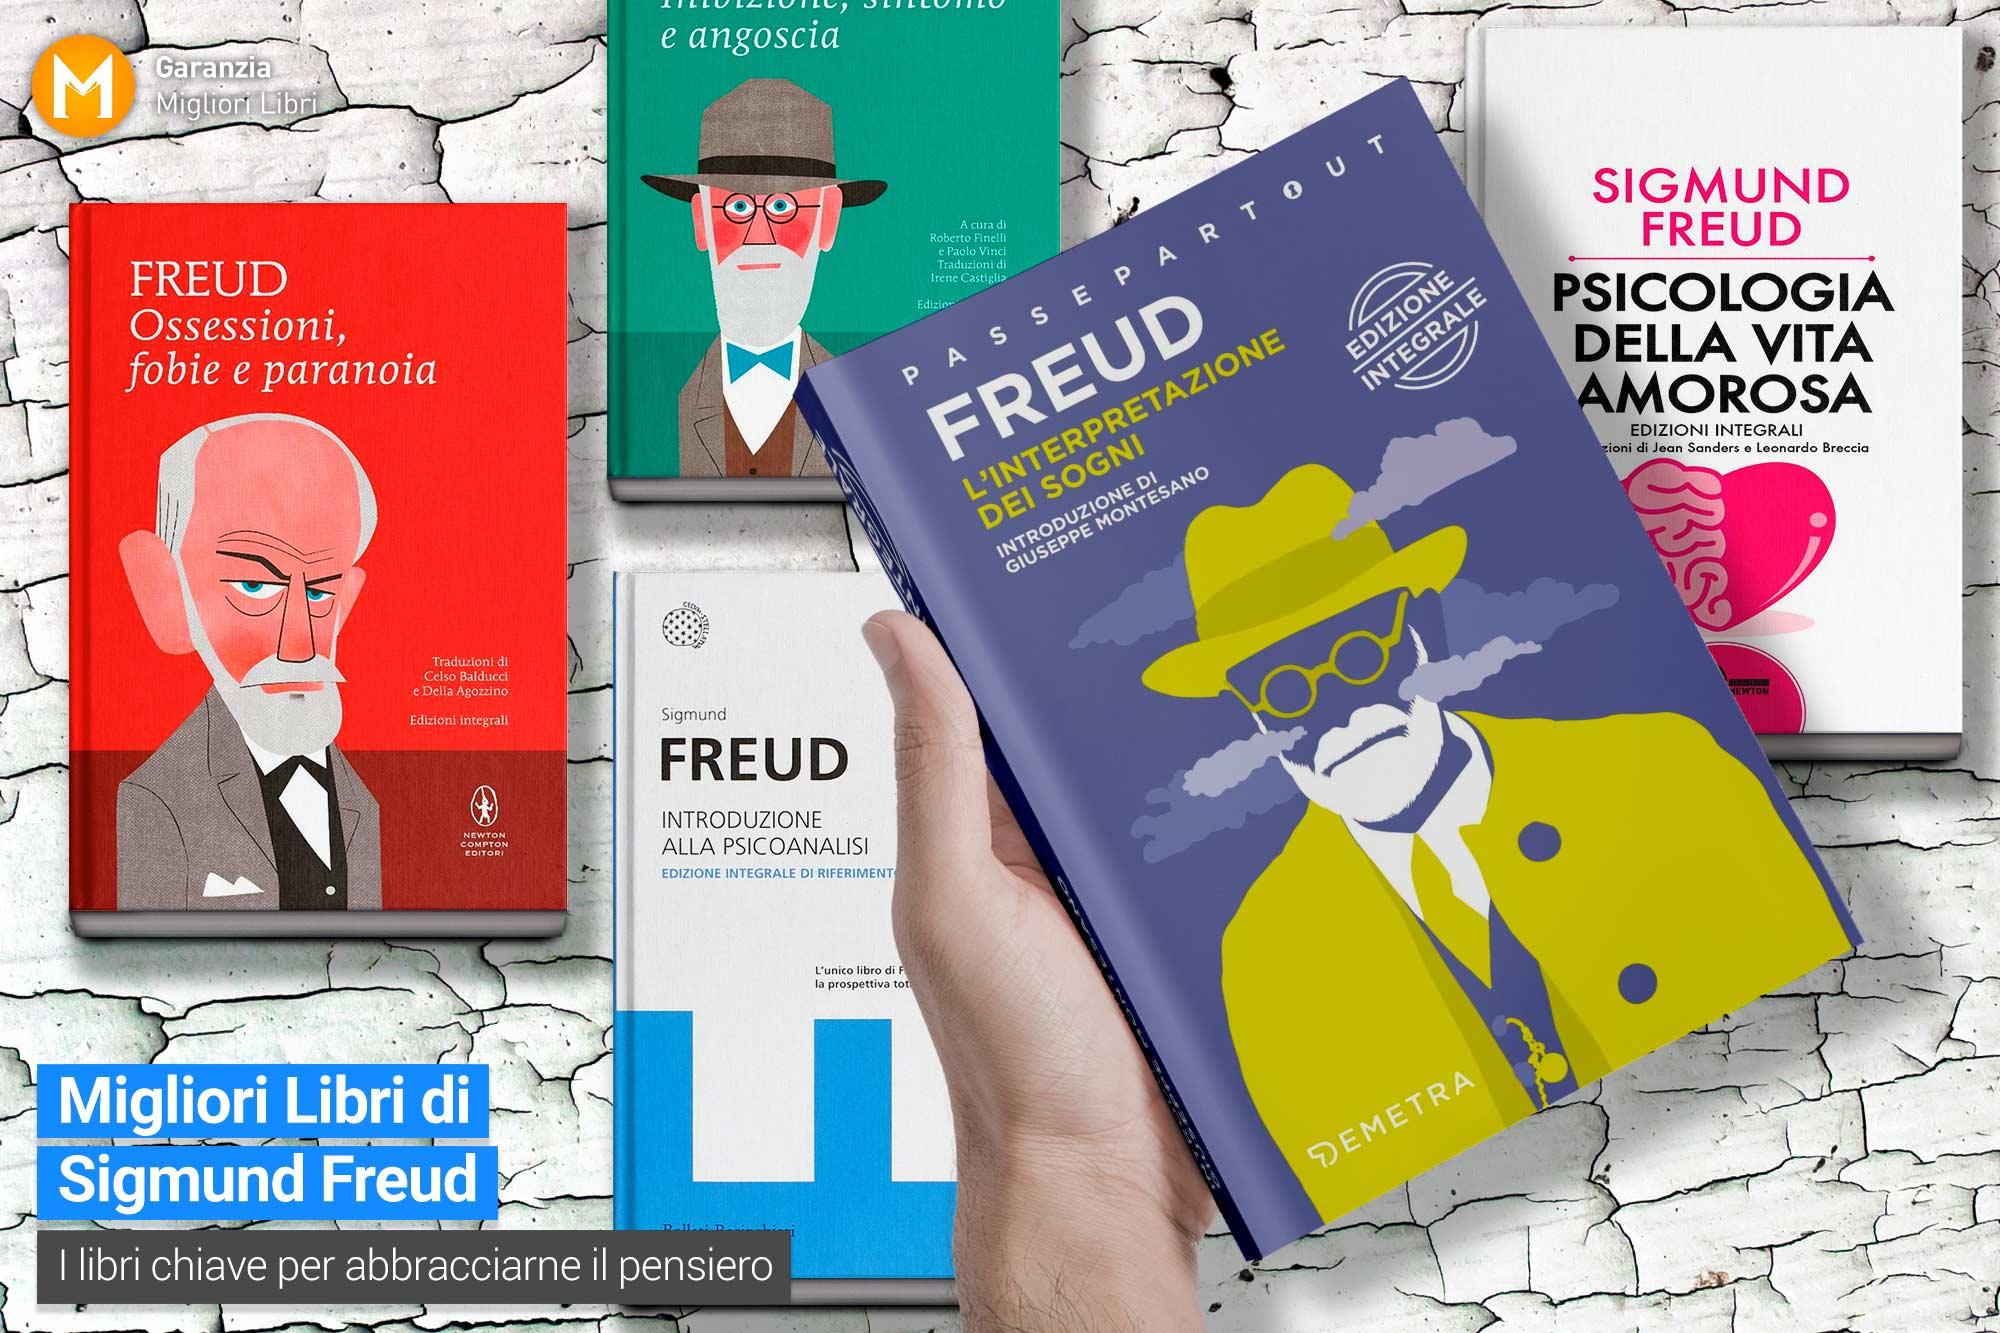 migliori-libri-Freud-Sigmund